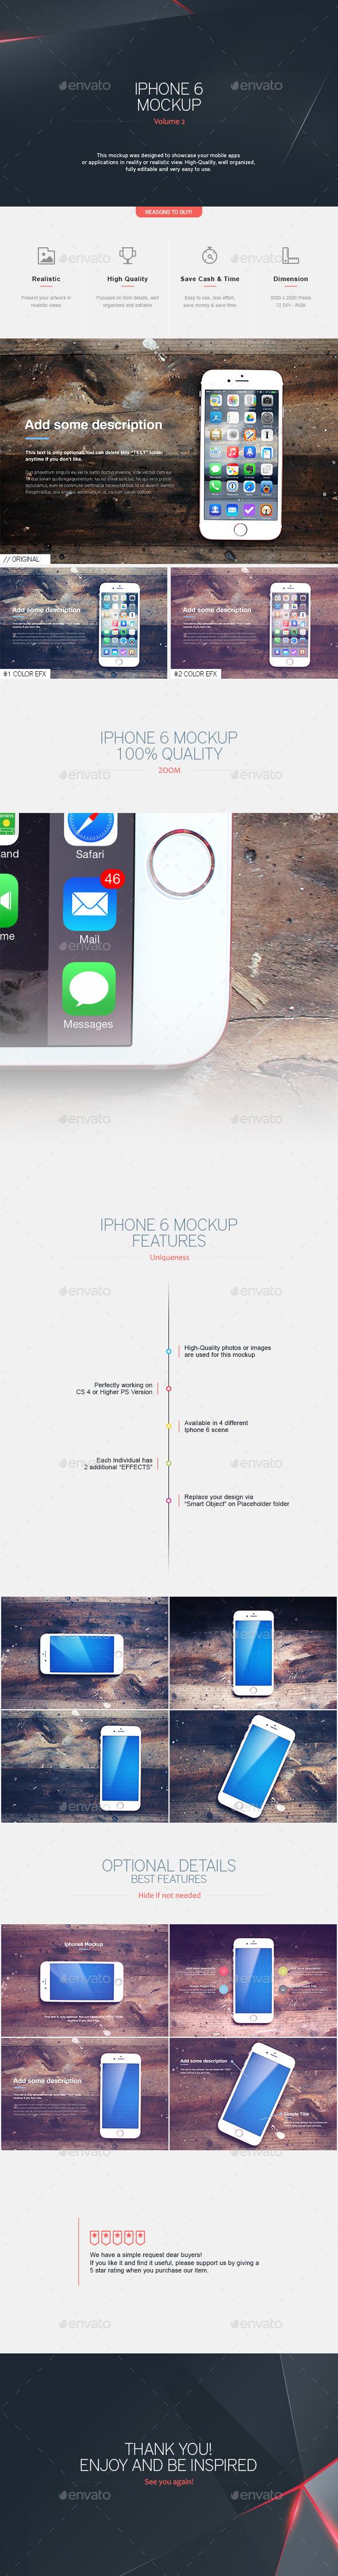 Iphone 6 Mockup V.2 - Mobile Displays